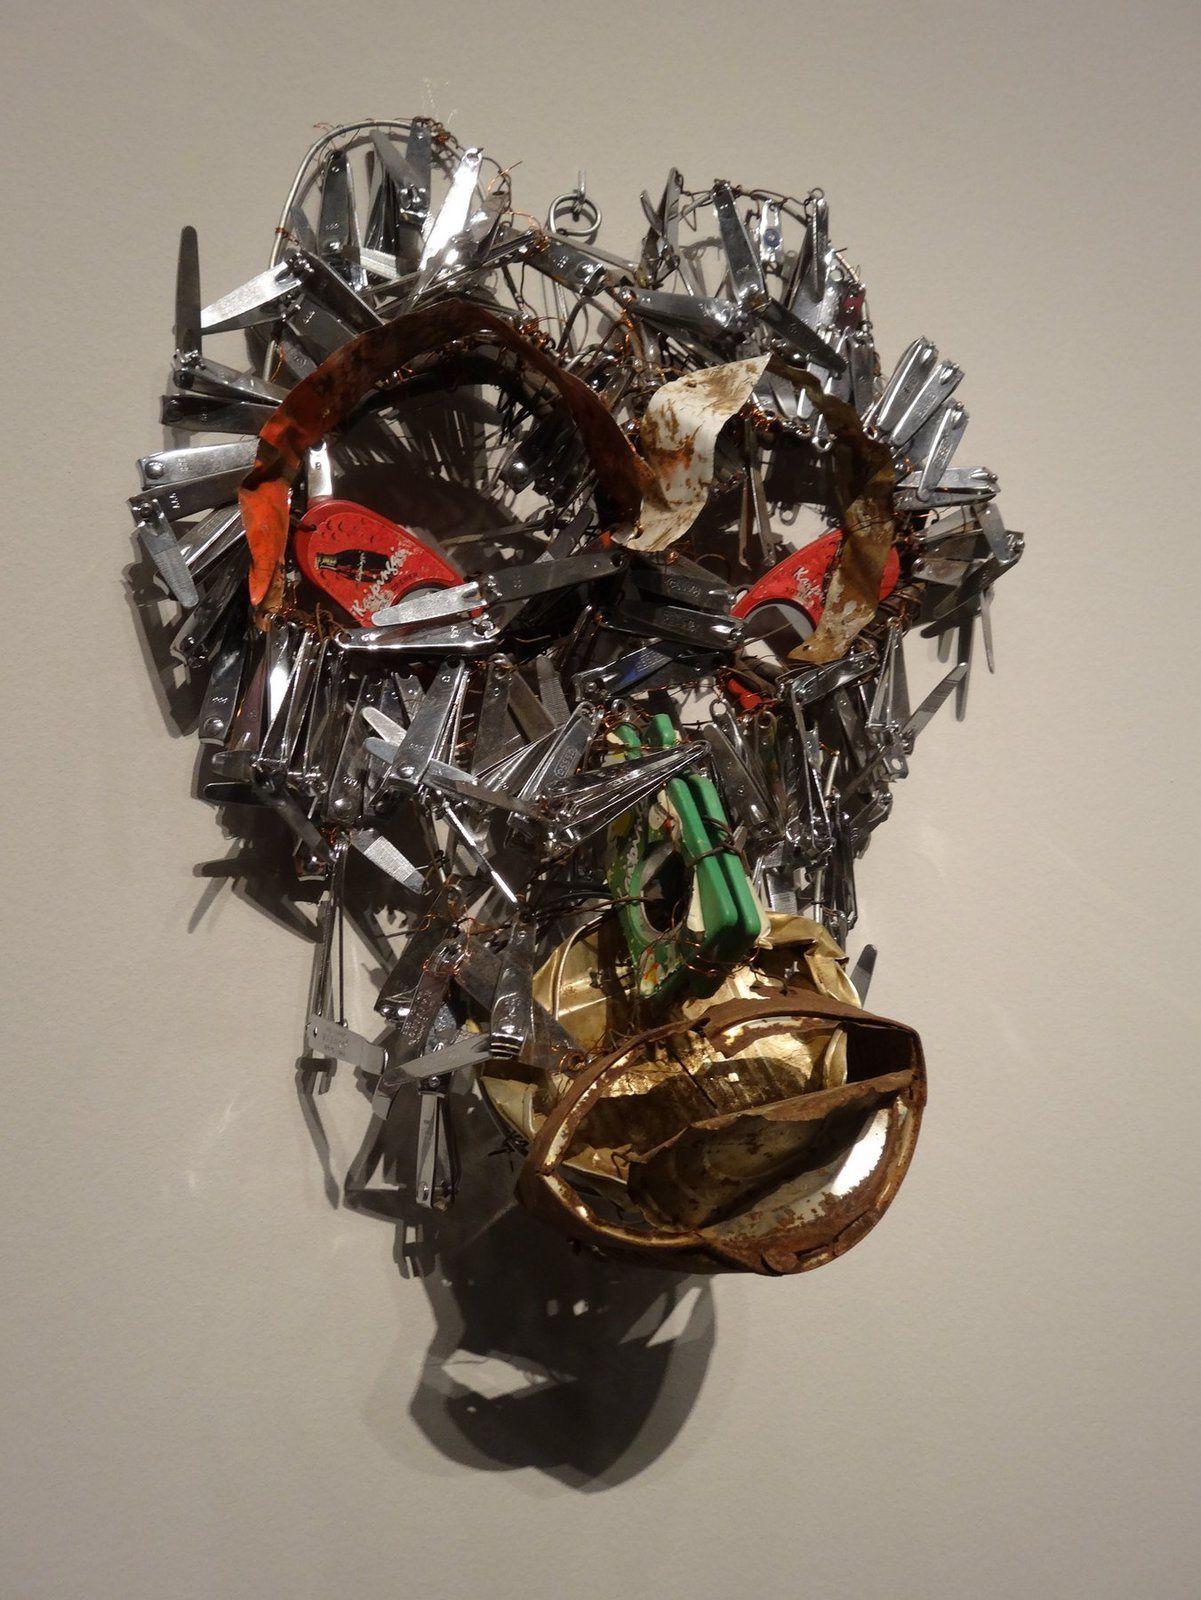 Merveilleuse exposition AFRIQUE à la Fondation Vuitton (dé-Burenifiée) à Paris (10 images à cliquer)